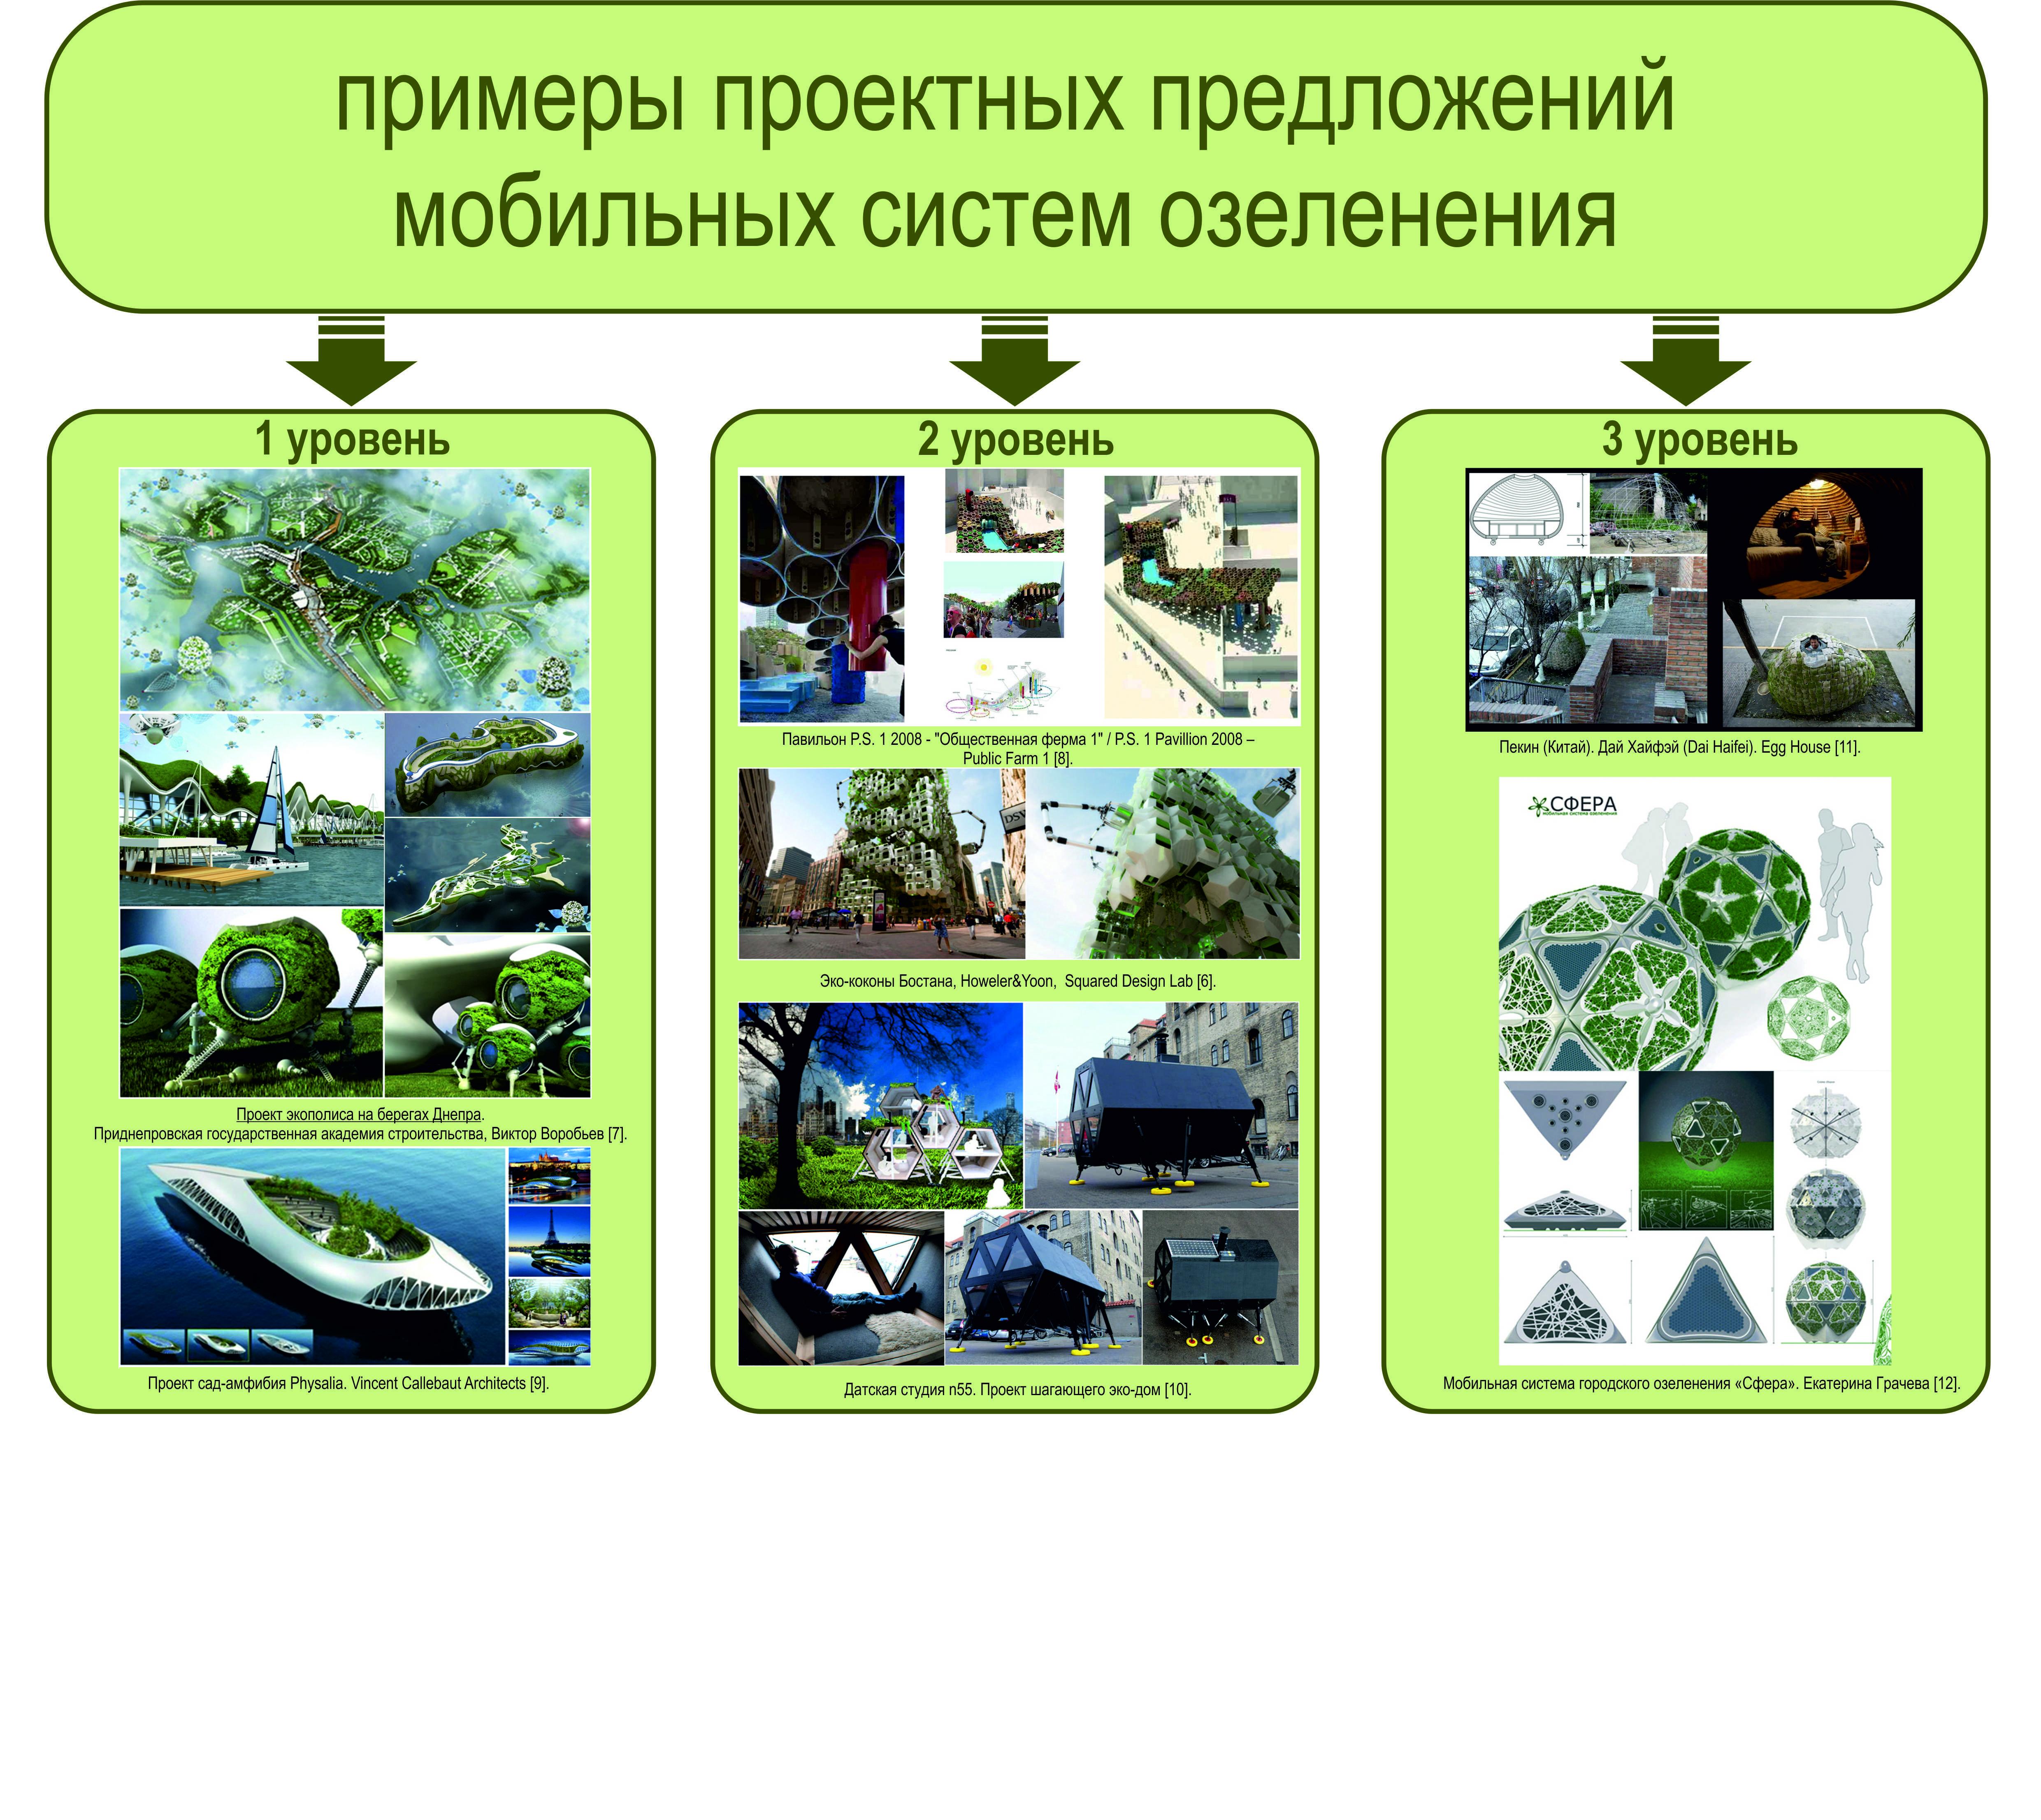 Особенности построения систем озеленения в городах